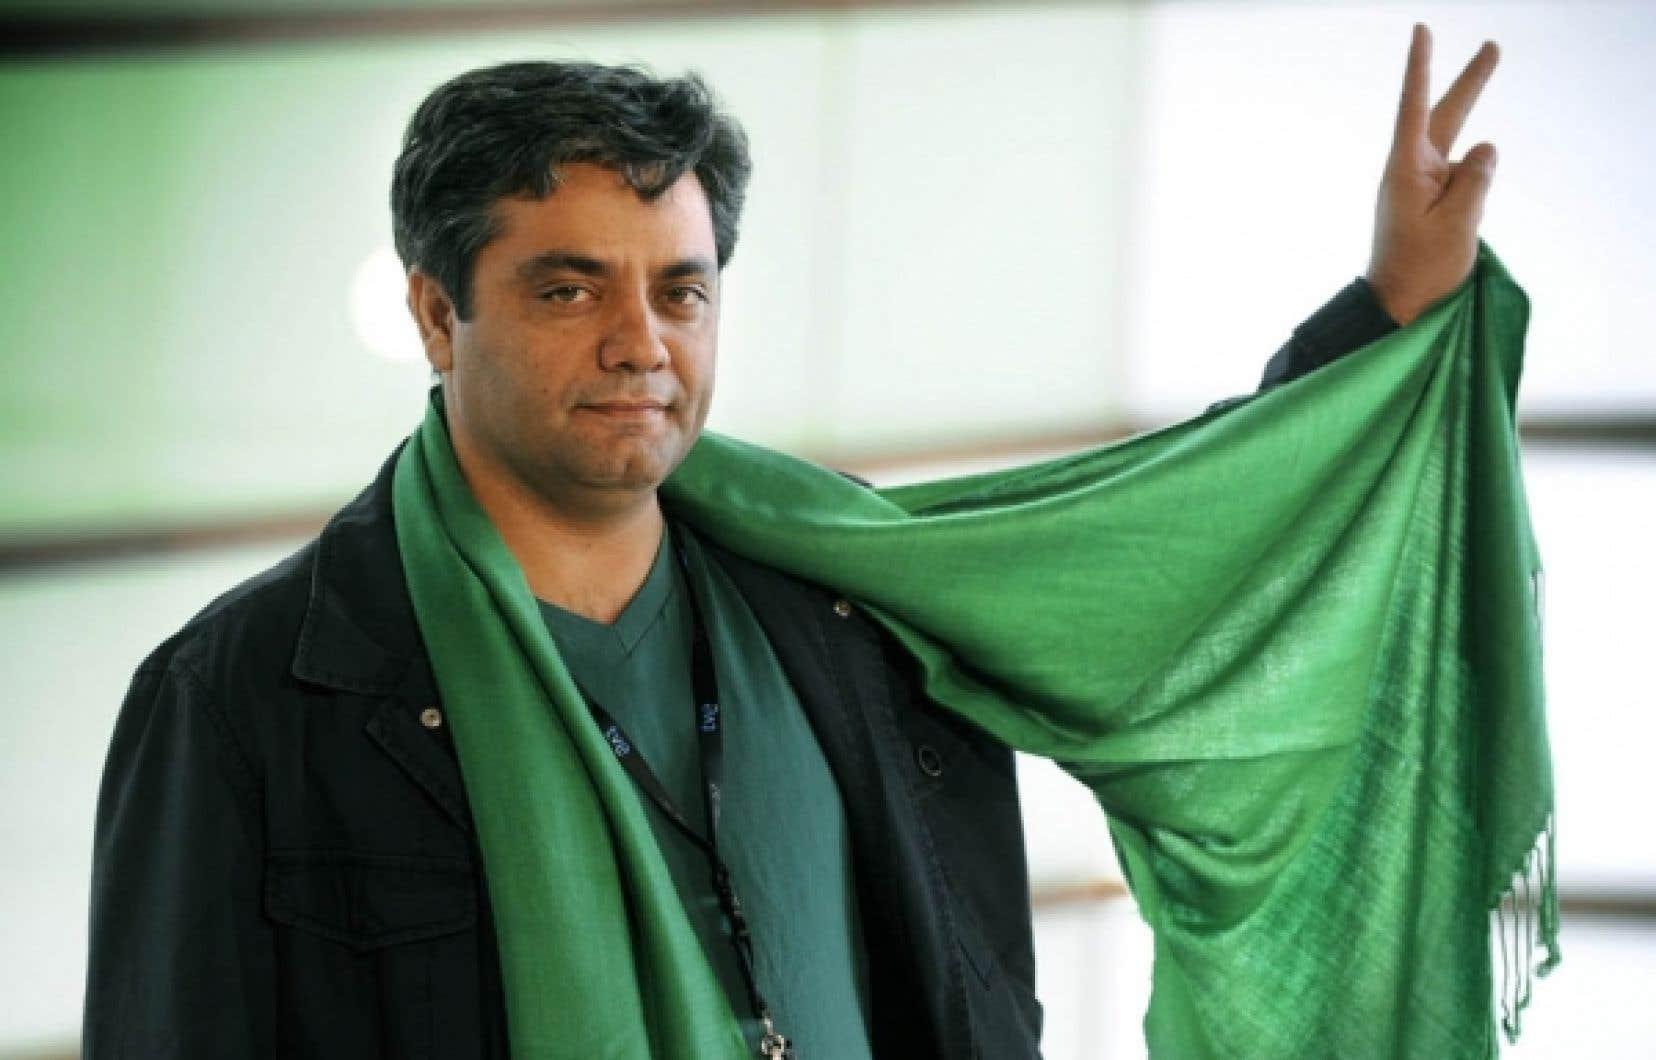 Le cinéaste iranien Mohammad Rasoulof, photographié ici au Festival de San Sebastian en 2009, sera à Cannes avec un film réalisé sous le manteau, intitulé Au revoir. <br />